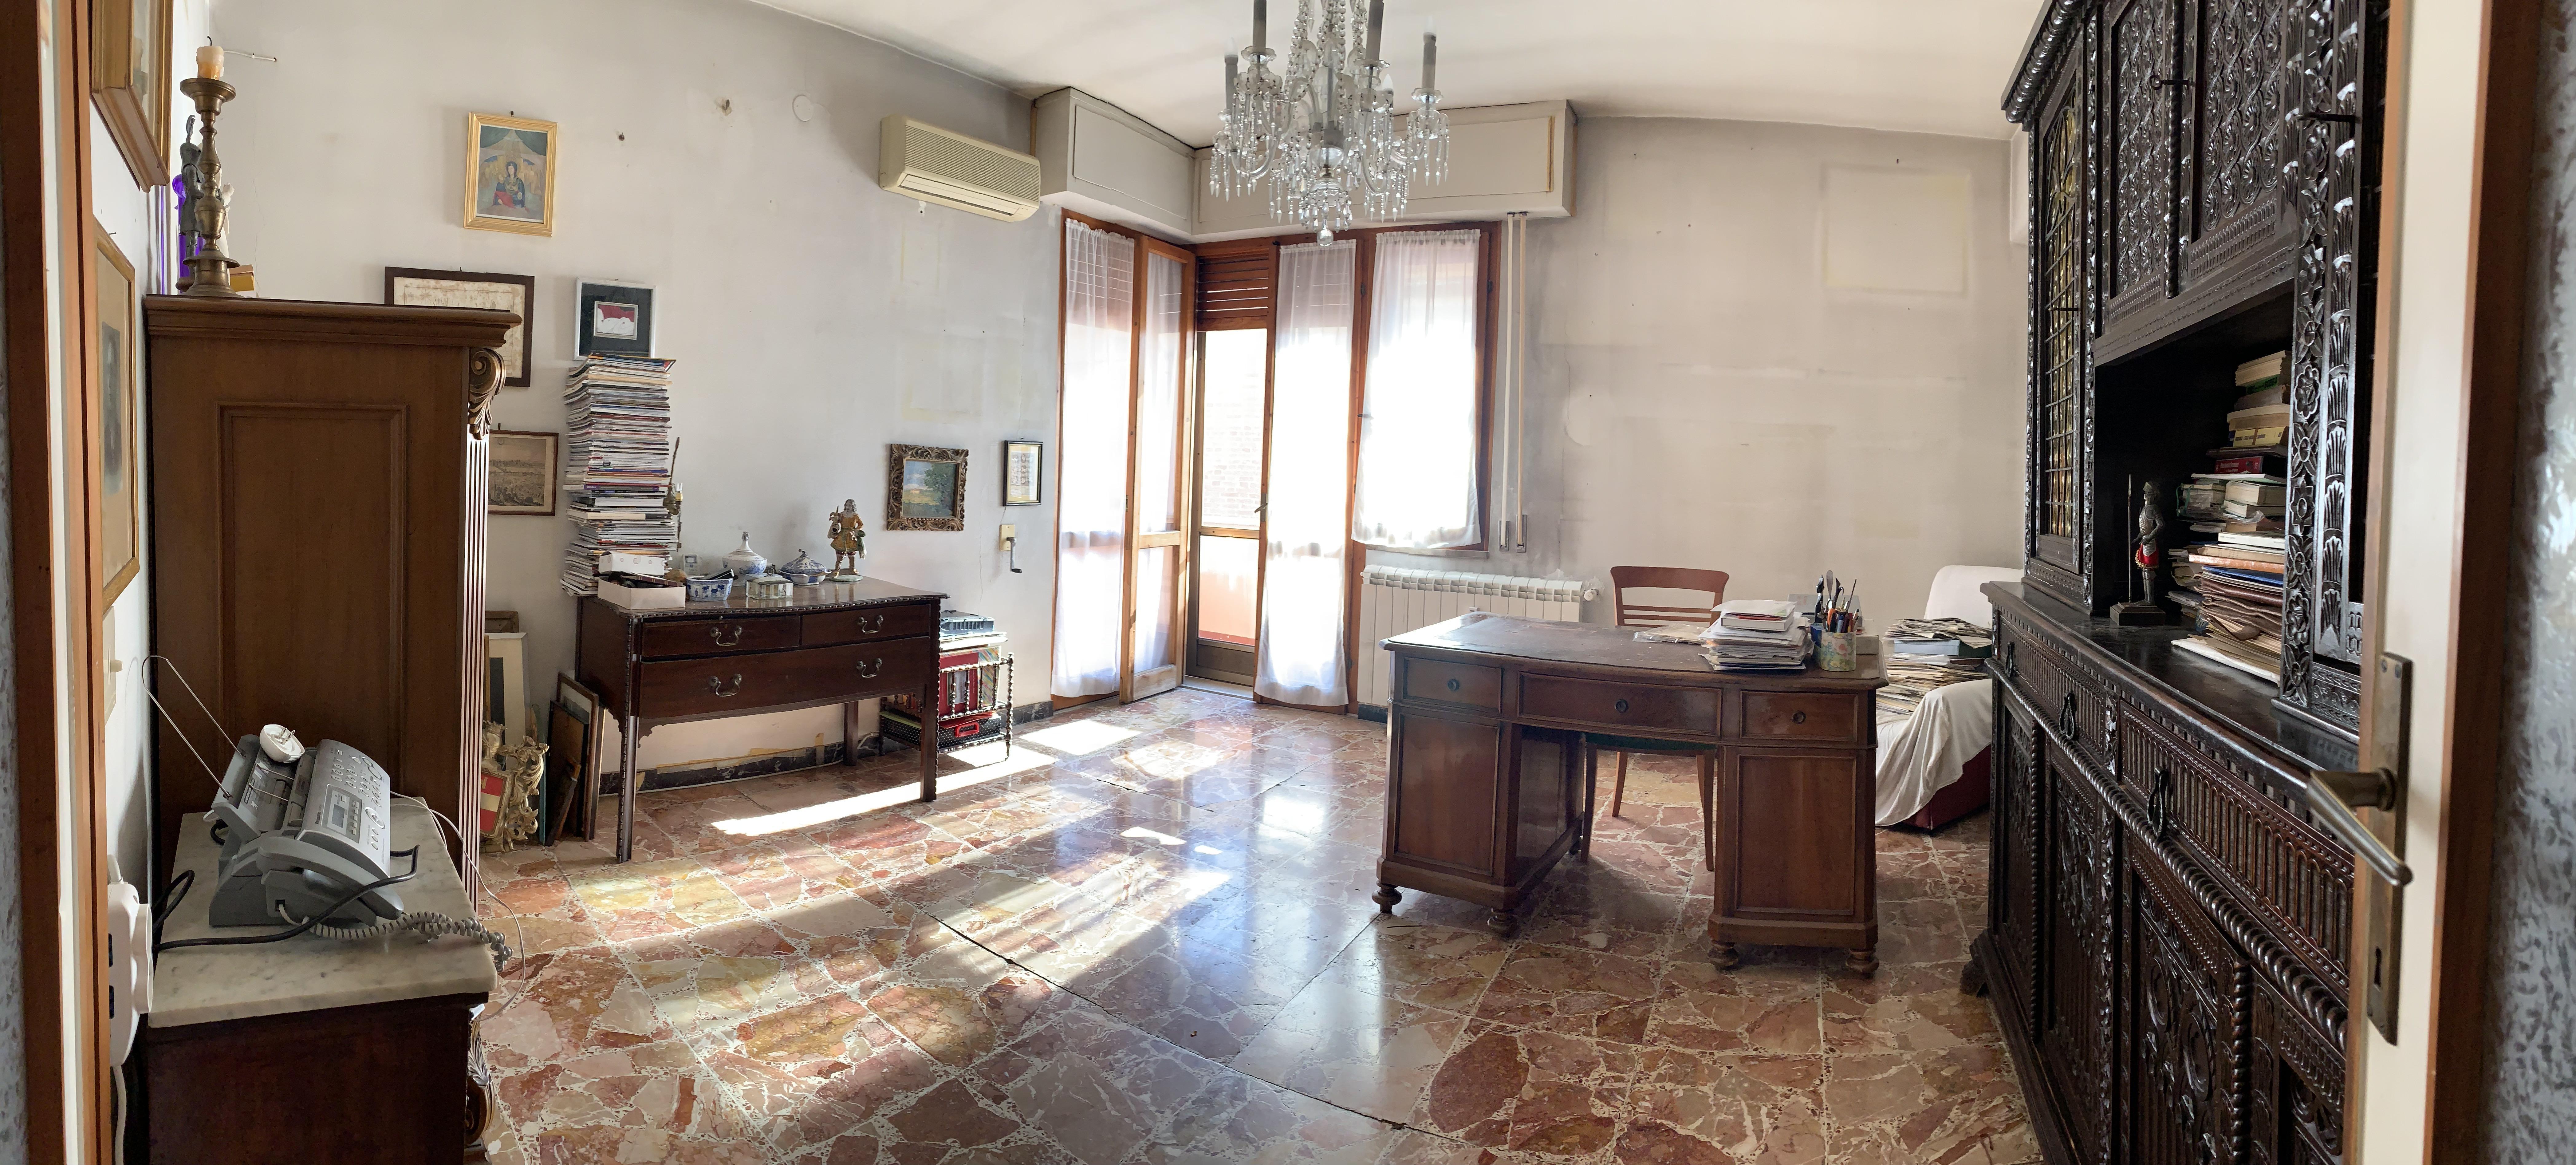 Appartamento in vendita, rif. X229